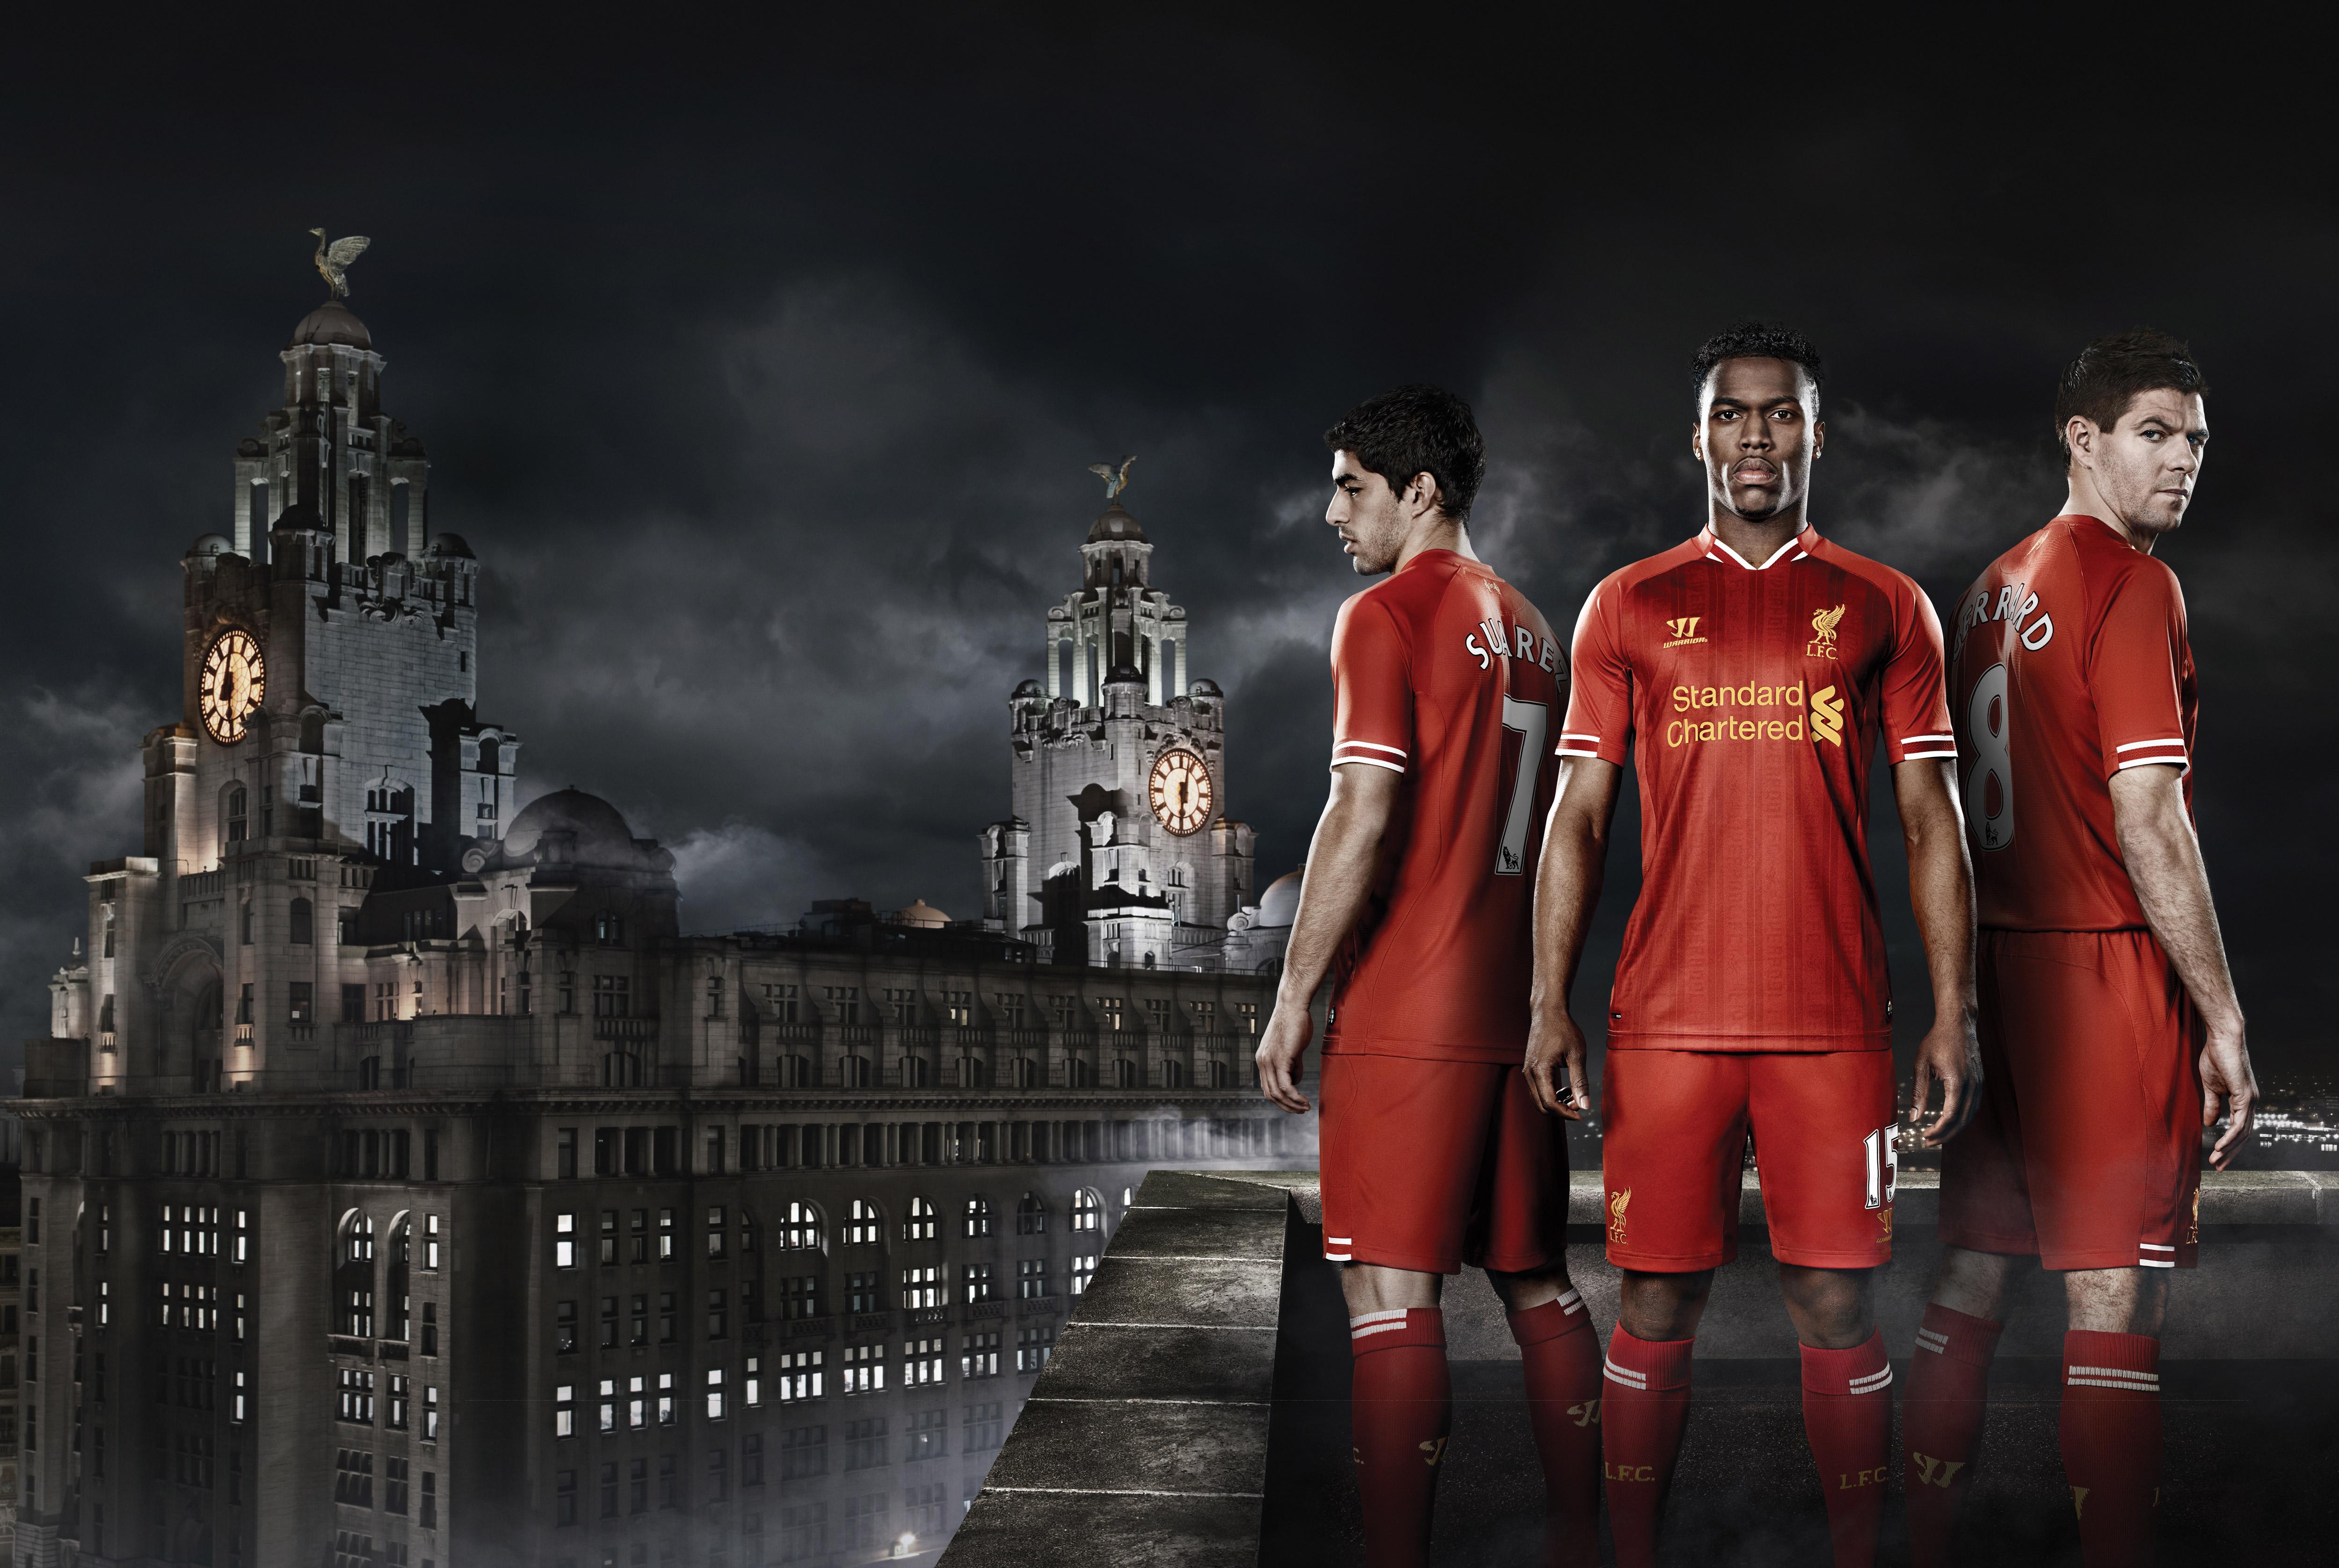 Liverpool Fc Daniel Sturridge Luis Suarez Steven Gerrard Hd Sports 4k Wallpapers Images Backgrounds Photos And Pictures